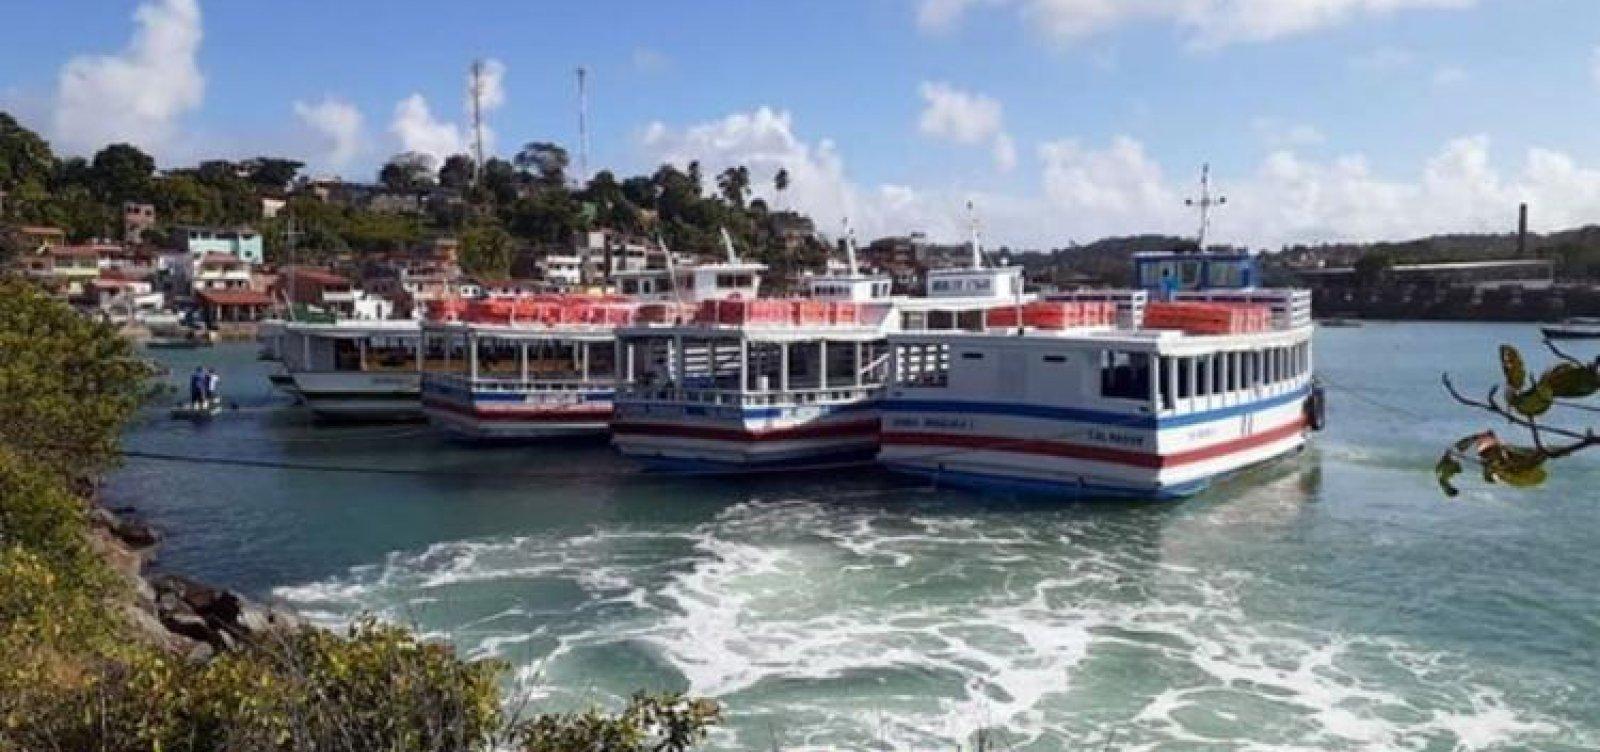 [Travessia Salvador - Mar Grande opera com oito embarcações sem filas nos terminais]